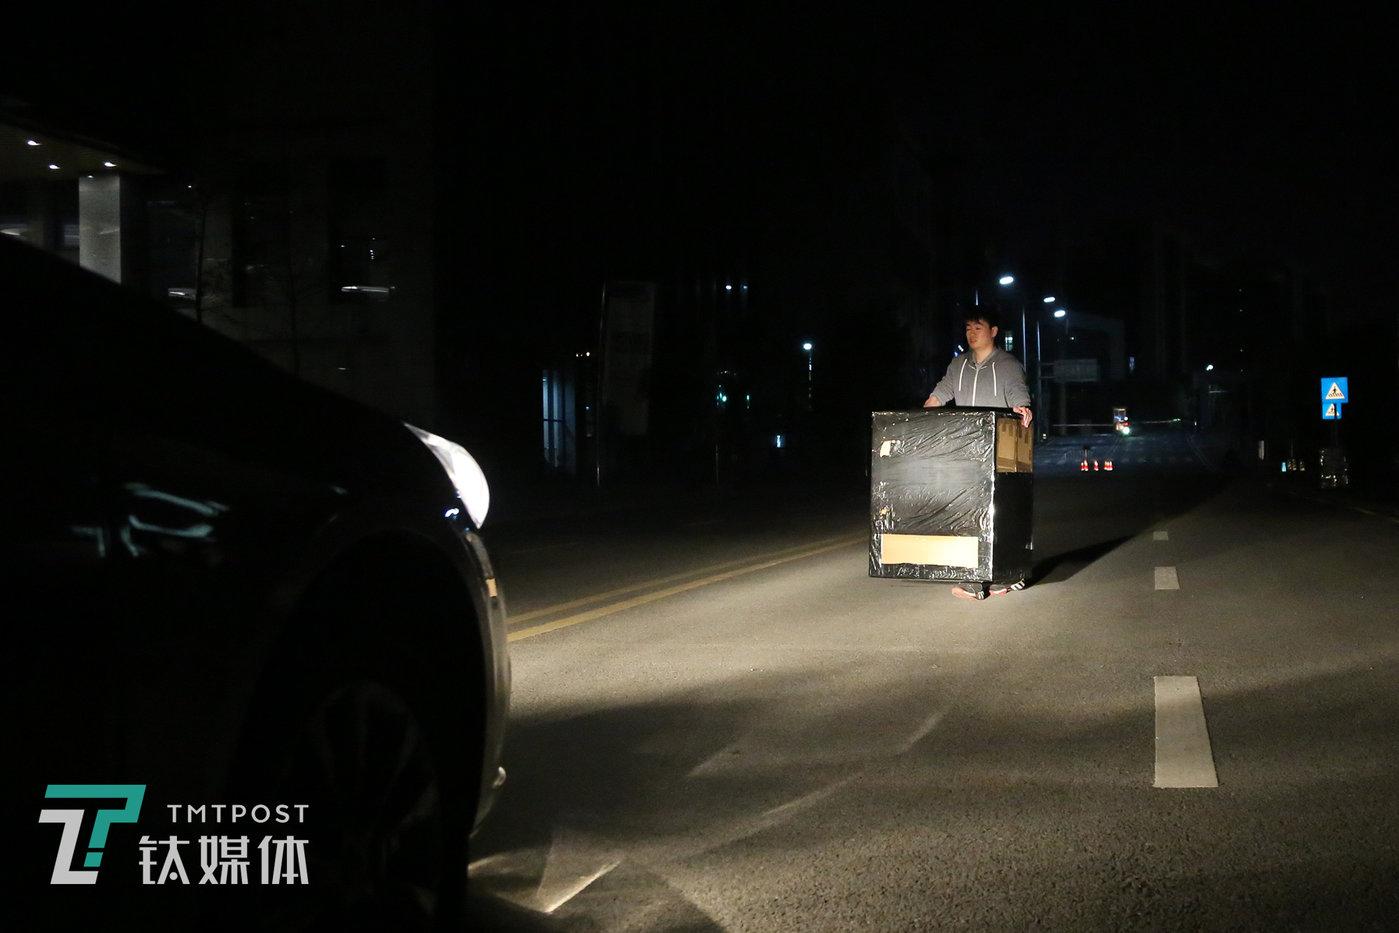 【哪天?】5月27日决赛当天,凌晨1点39分,D队林挺测量箱子的宽度连夜练习避障行驶。